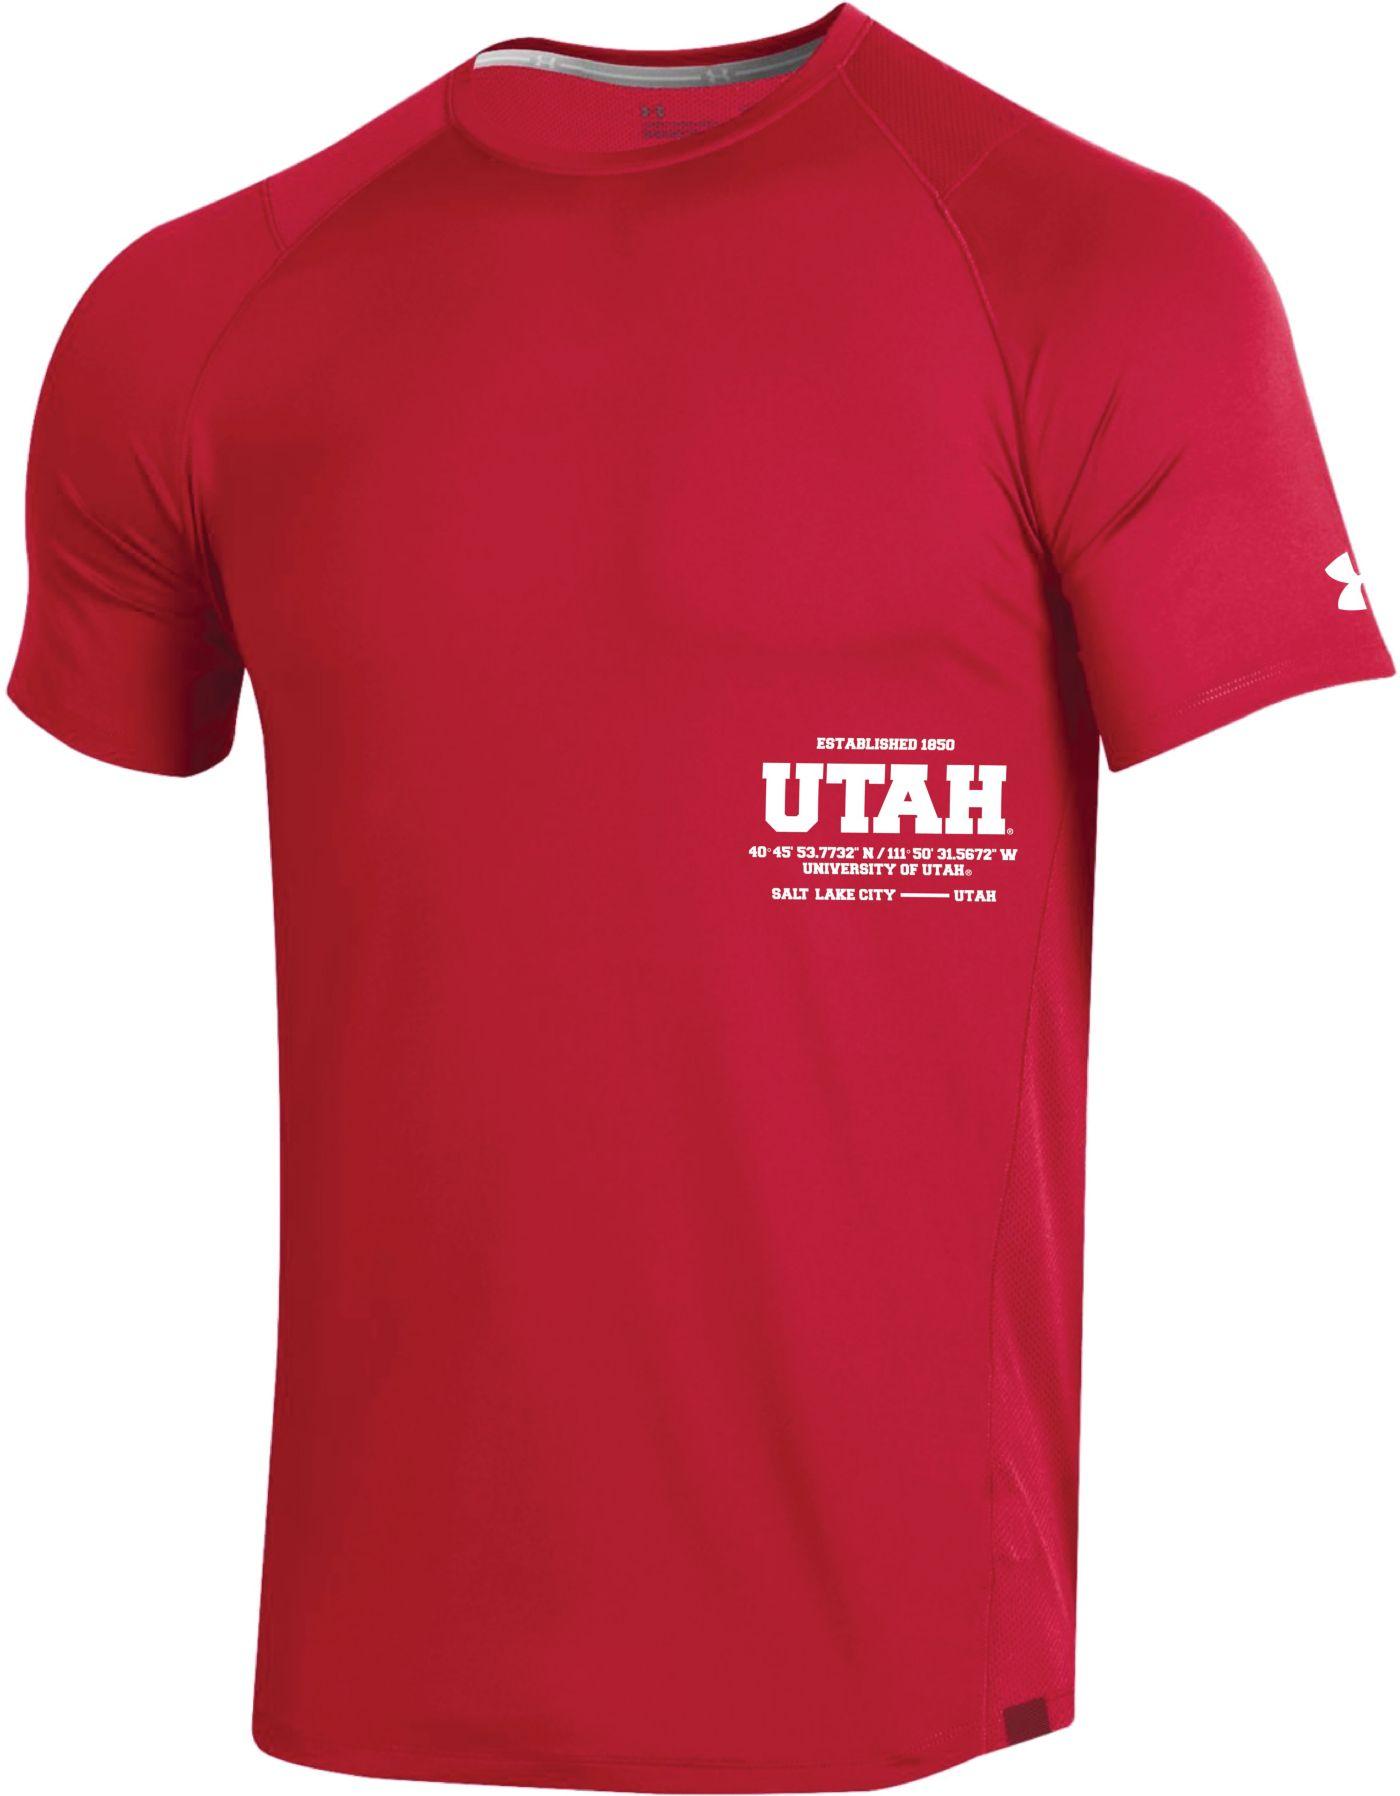 Under Armour Men's Utah Utes Crimson Coordinates MK1 Sideline T-Shirt